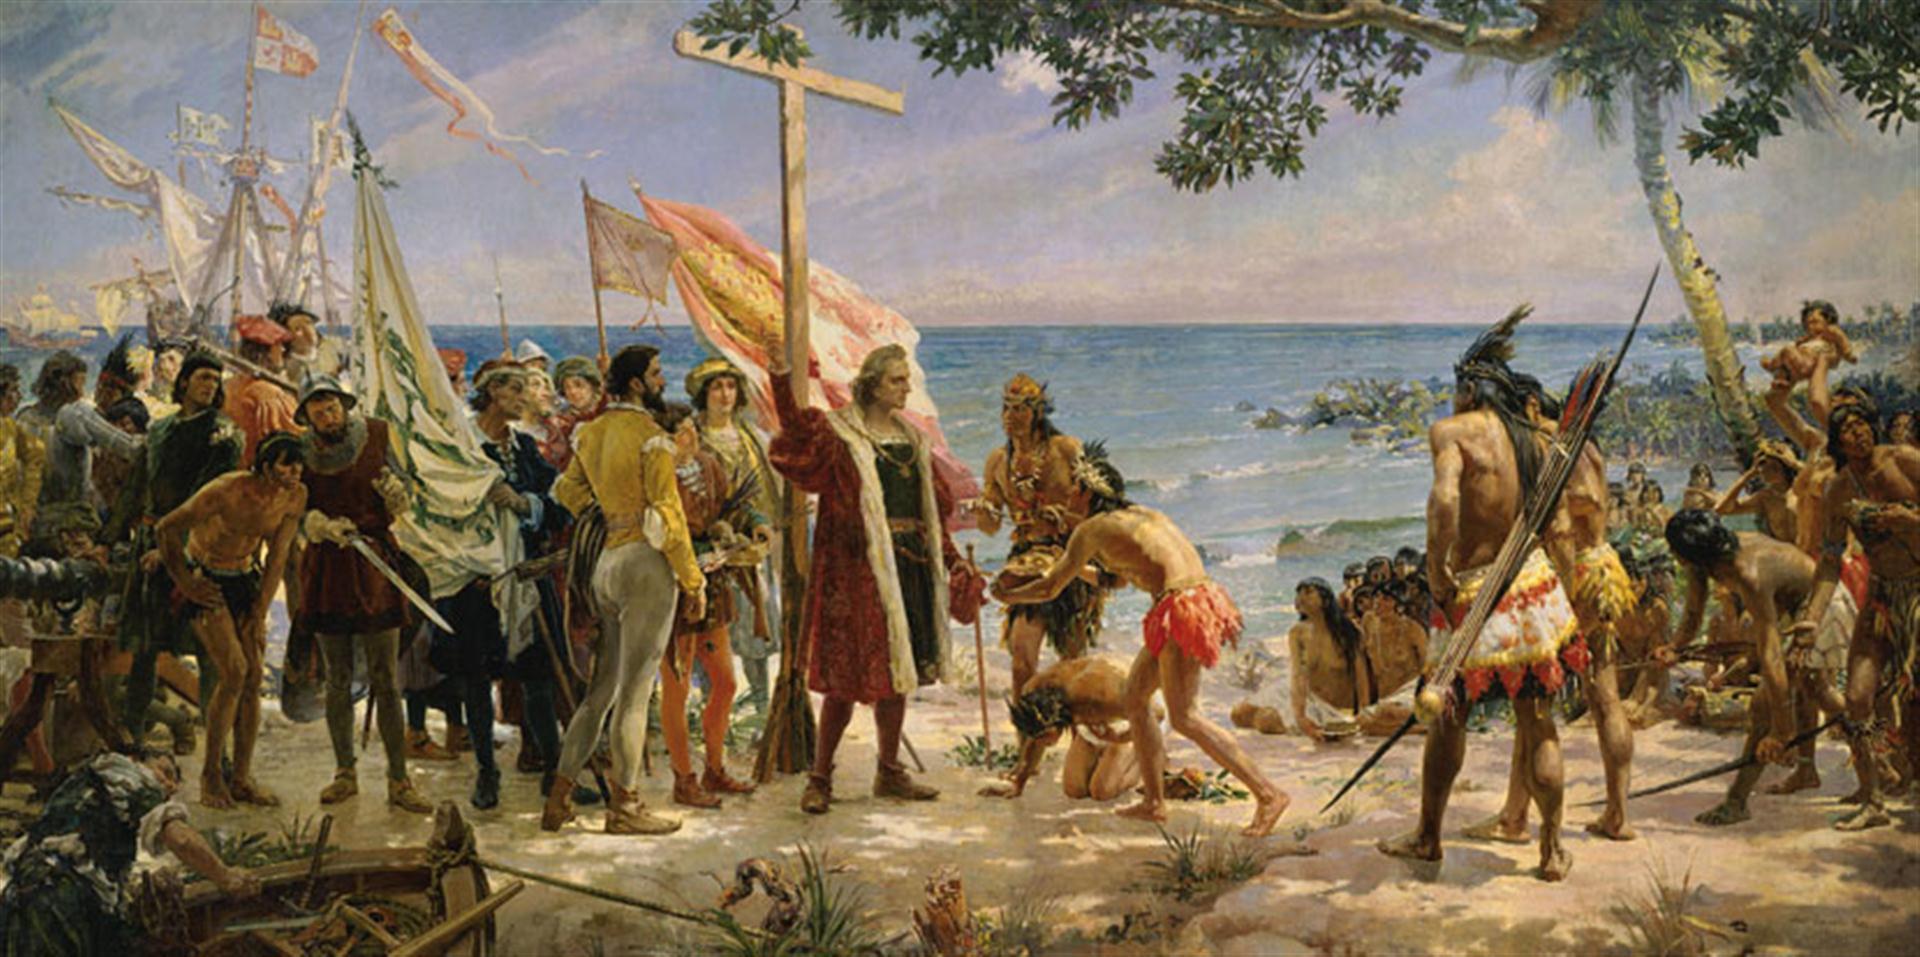 Por qué se acusa a los españoles de haber cometido genocidio en el  continente americano? - Historias de la Historia